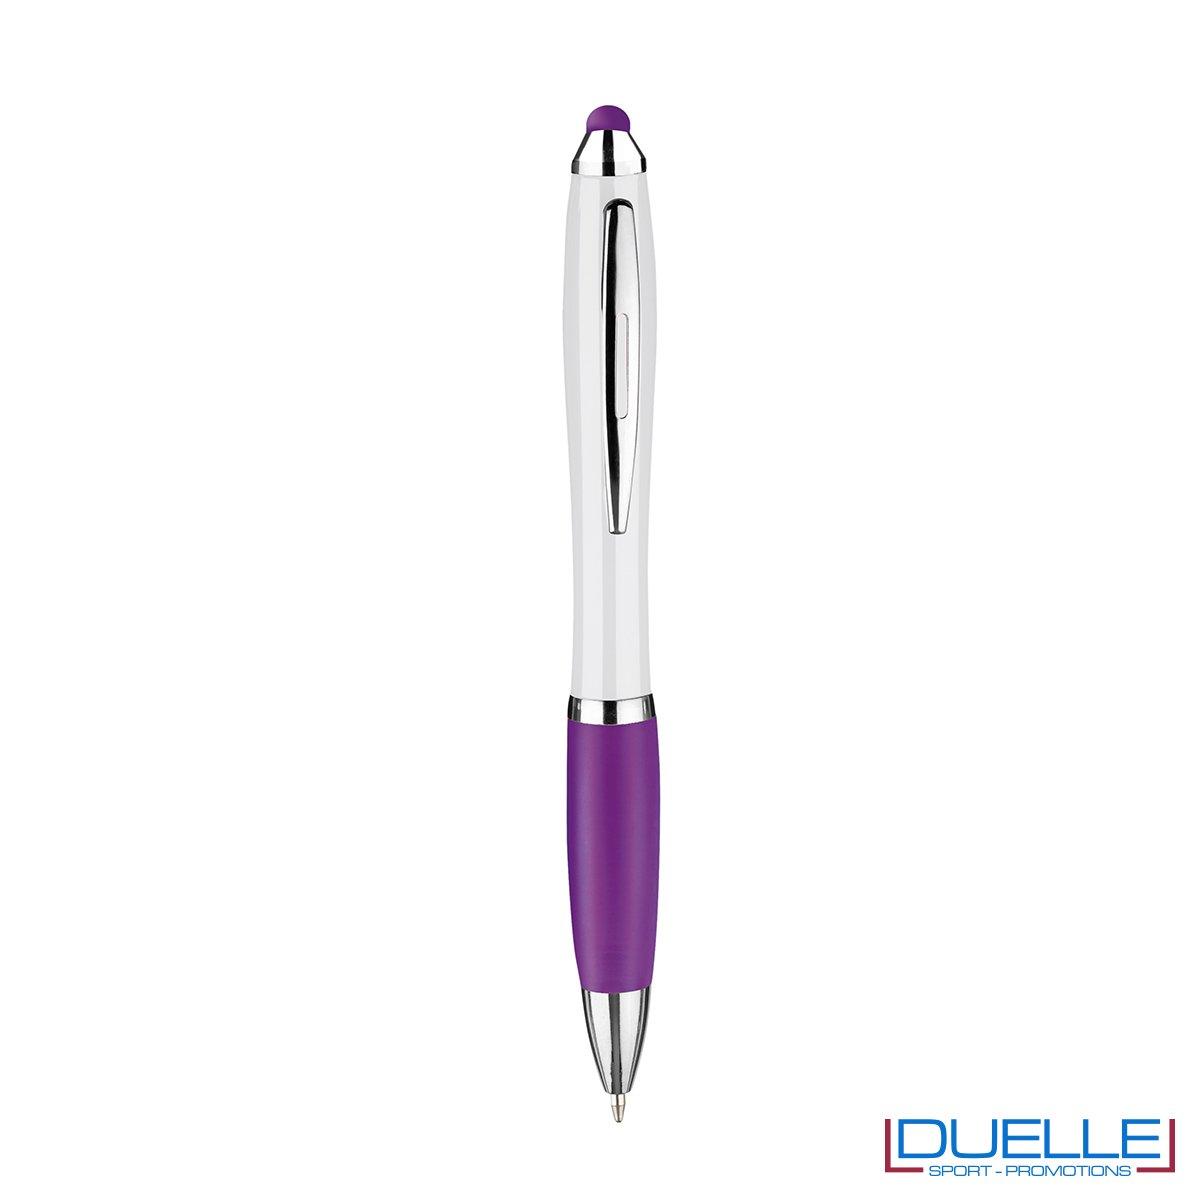 penna touch screen personalizzata in plastica fusto bianco particolari colore viola